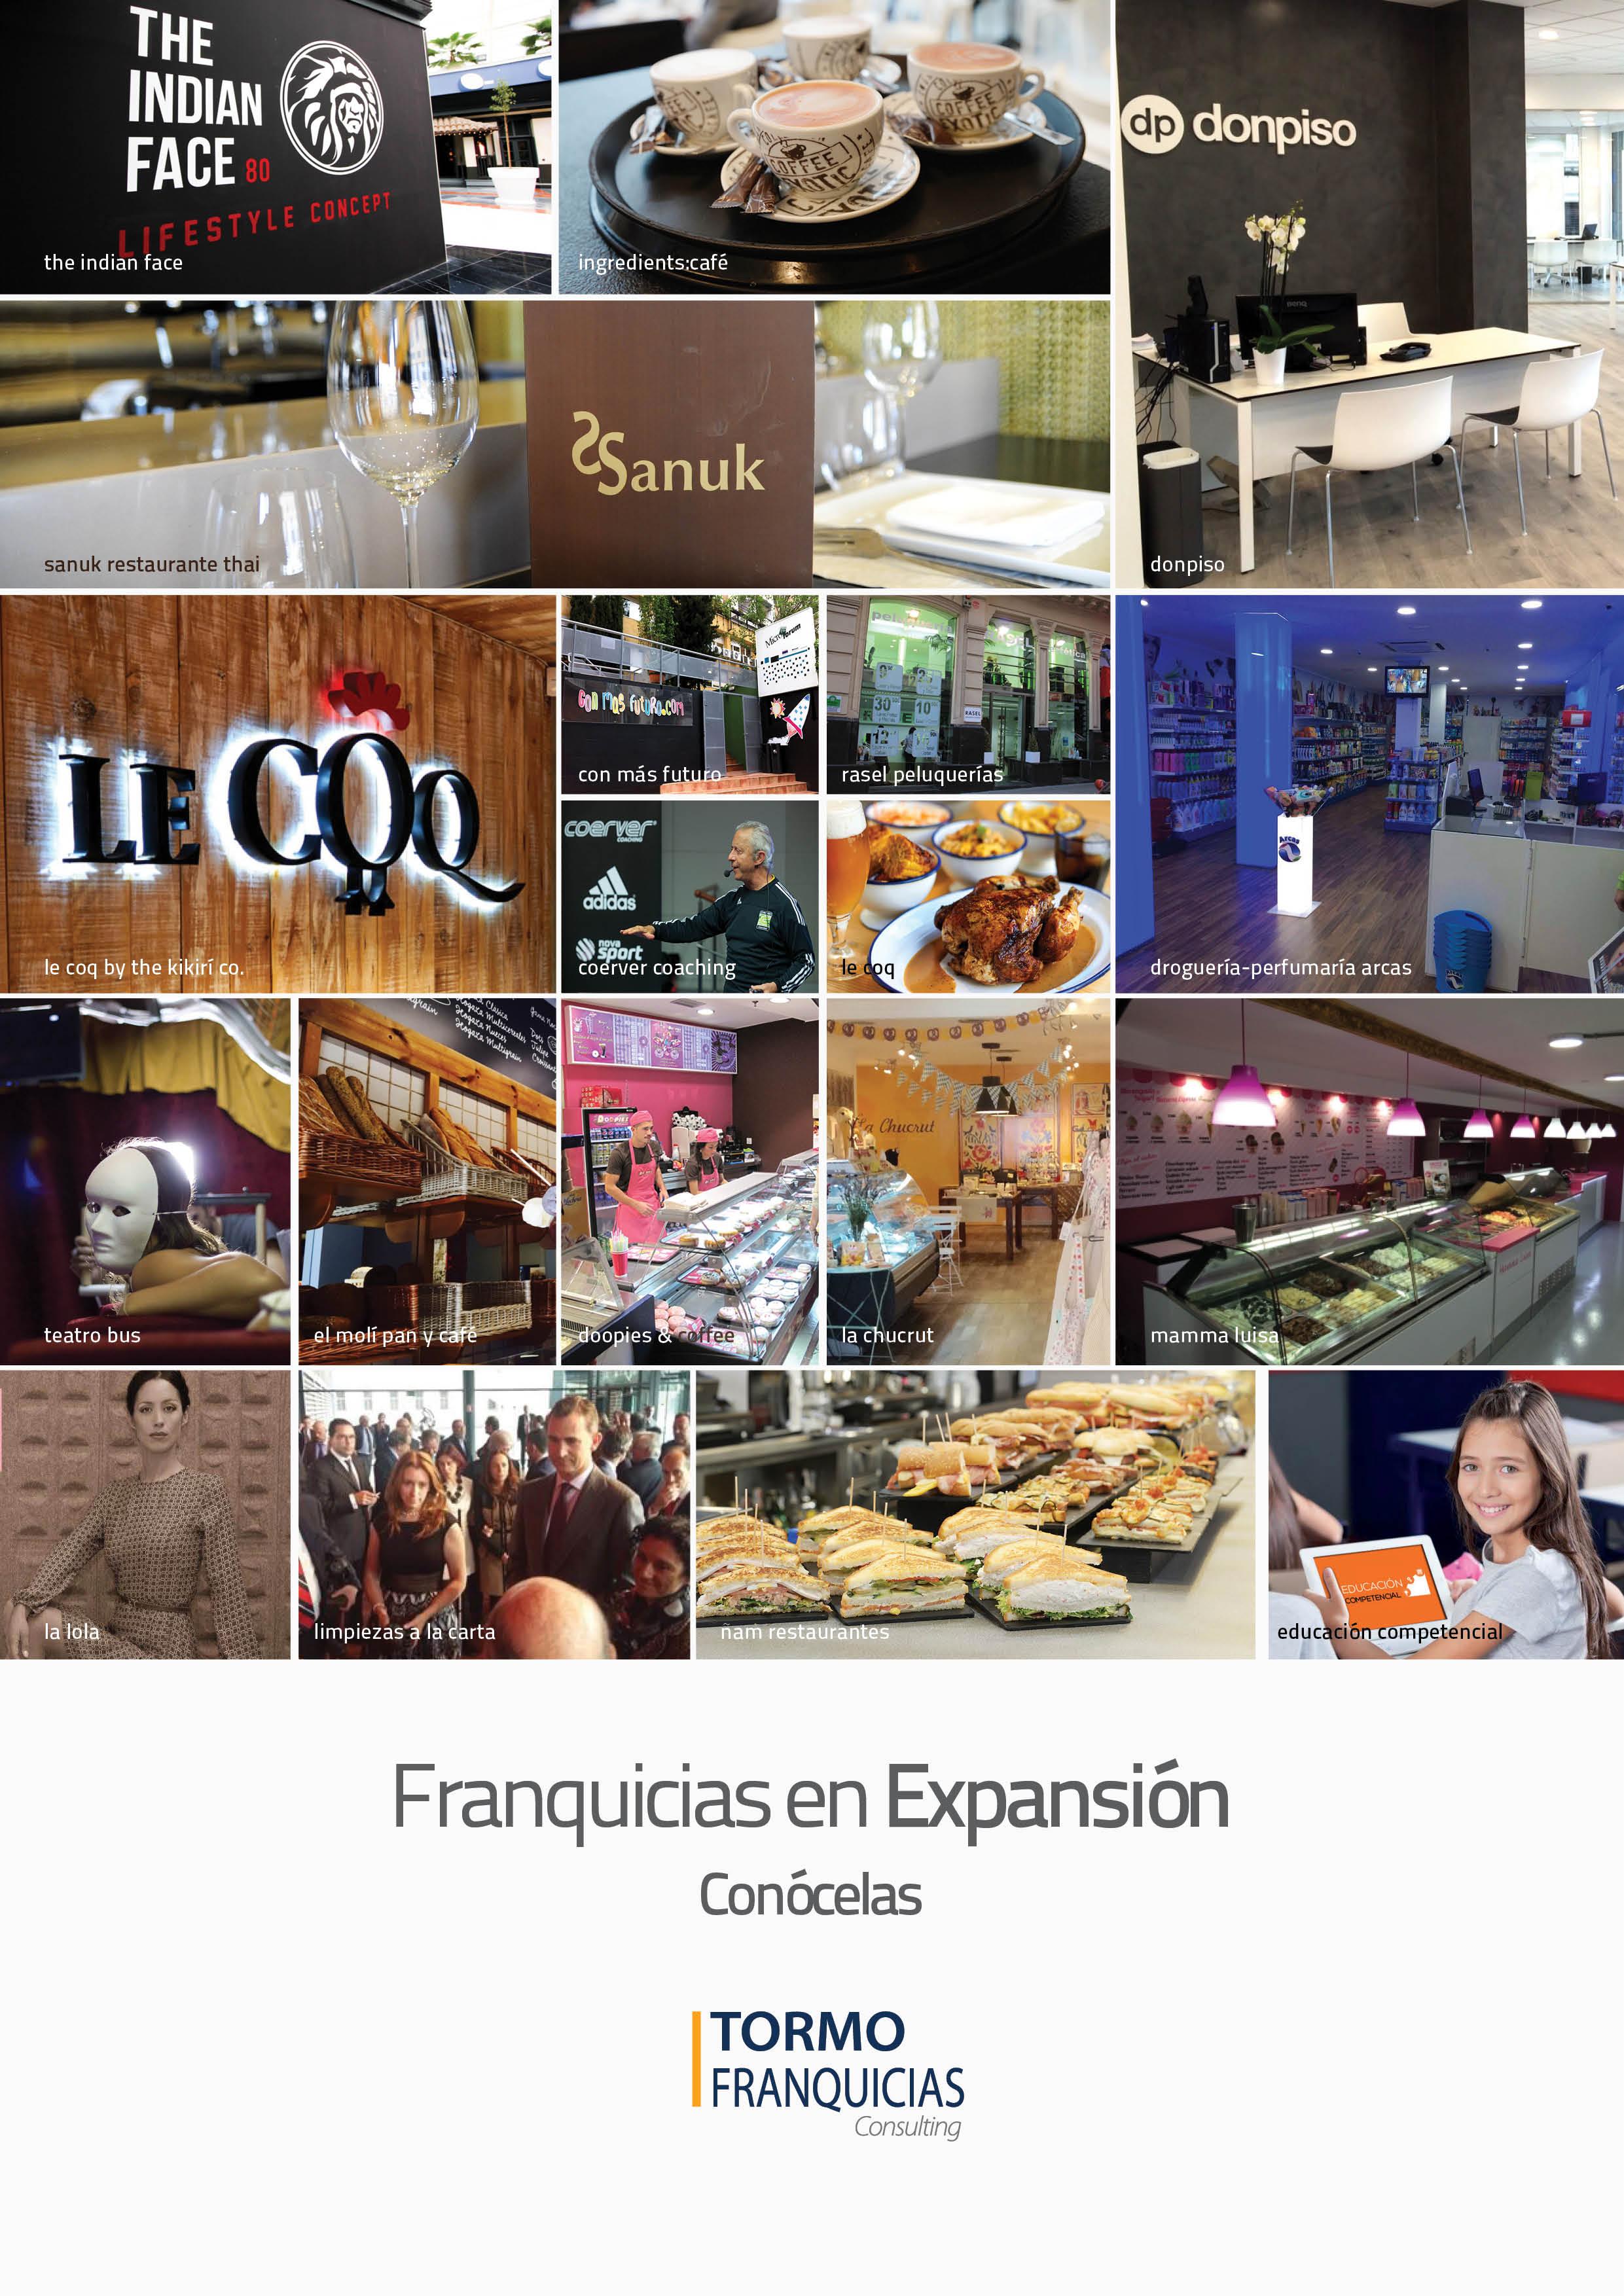 Tormo Franquicias Consulting acude a Expofranquicia